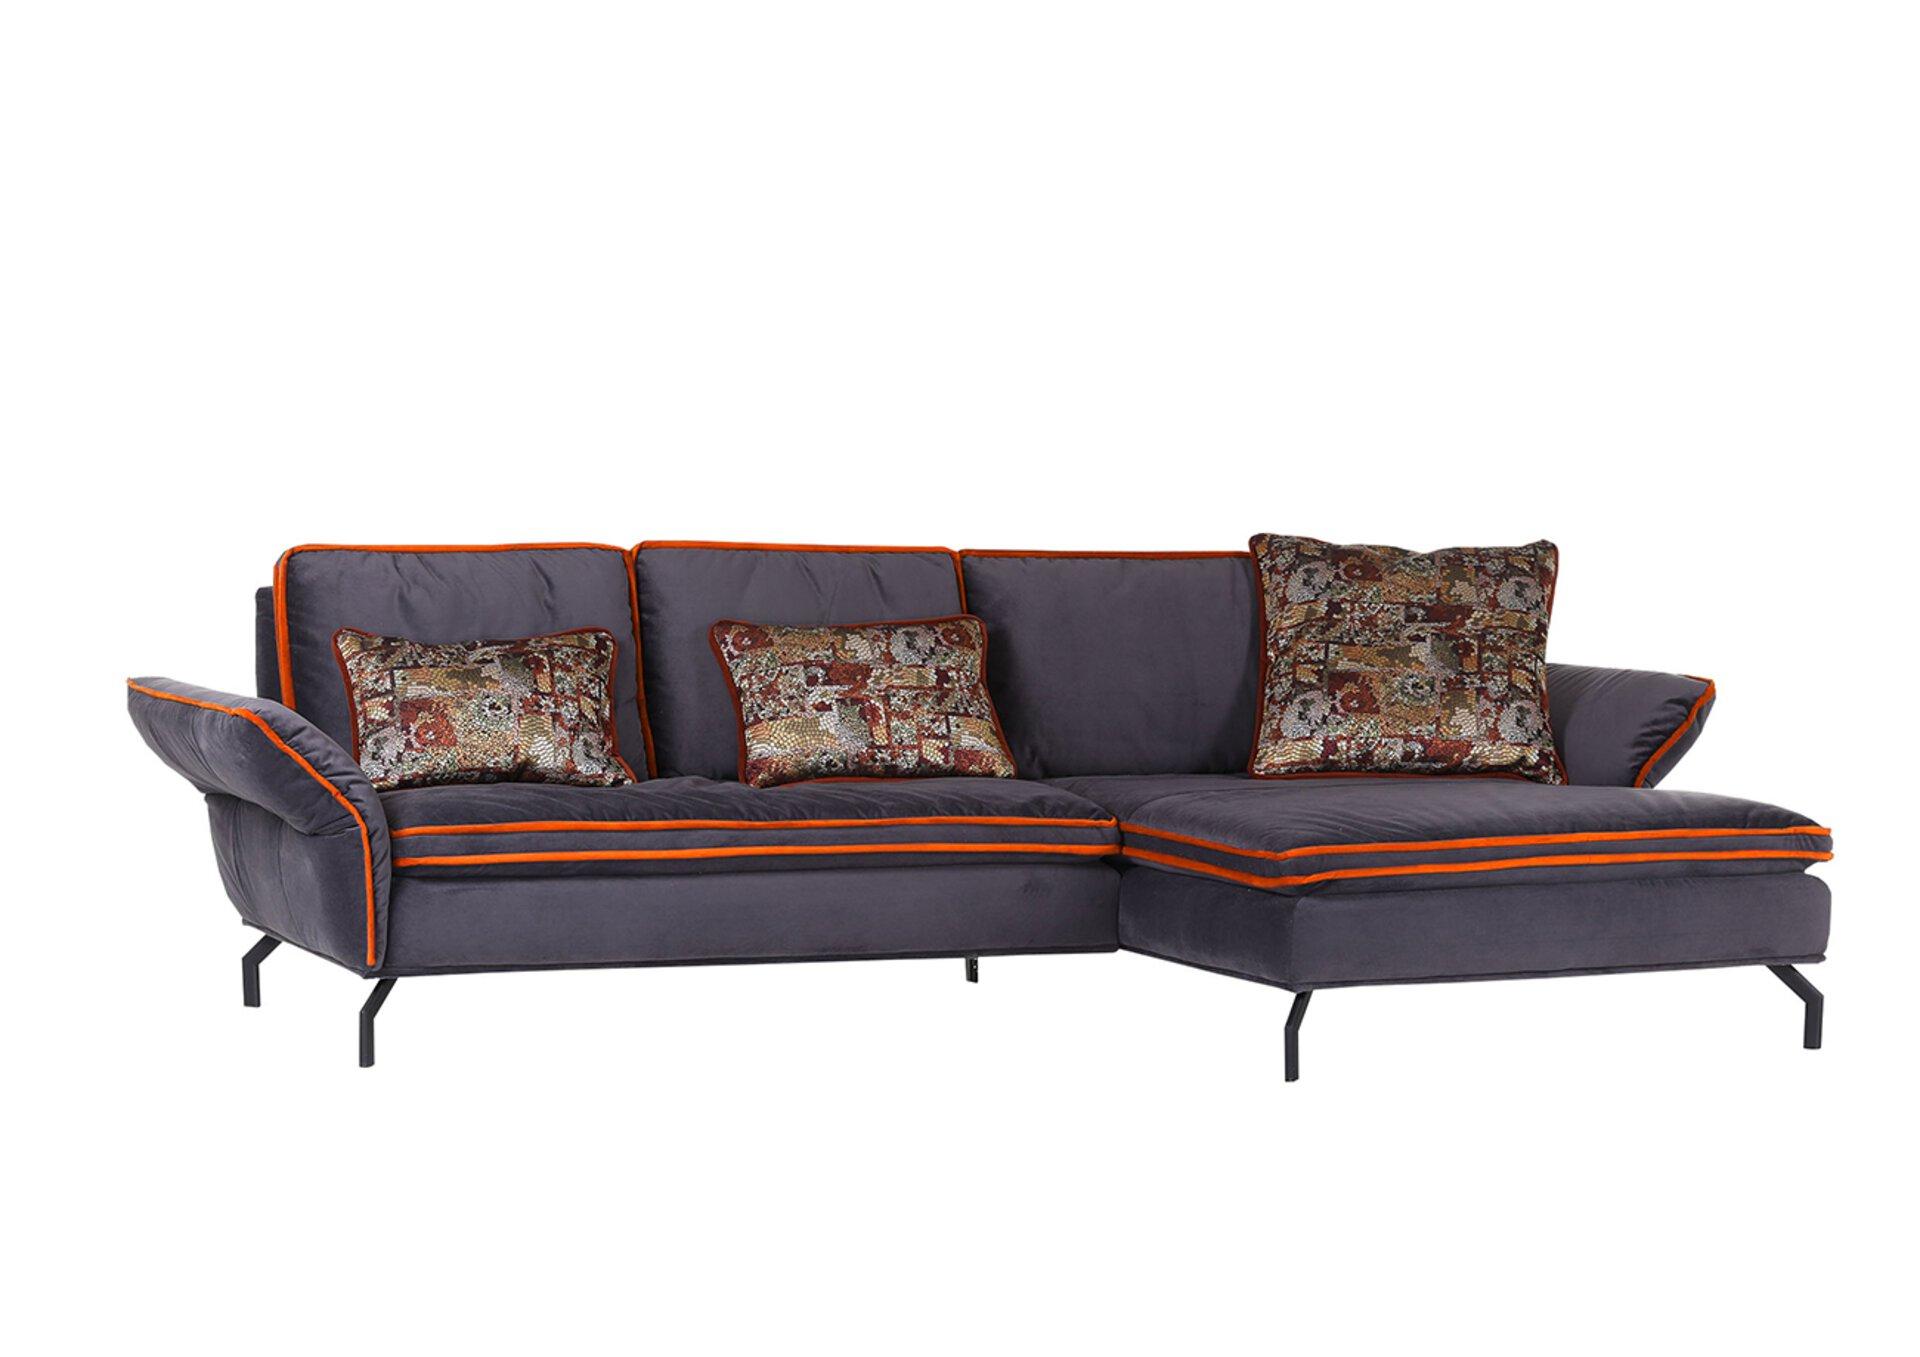 Ecksofa ALLSTAR Gutmann Factory Textil 175 x 90 x 335 cm